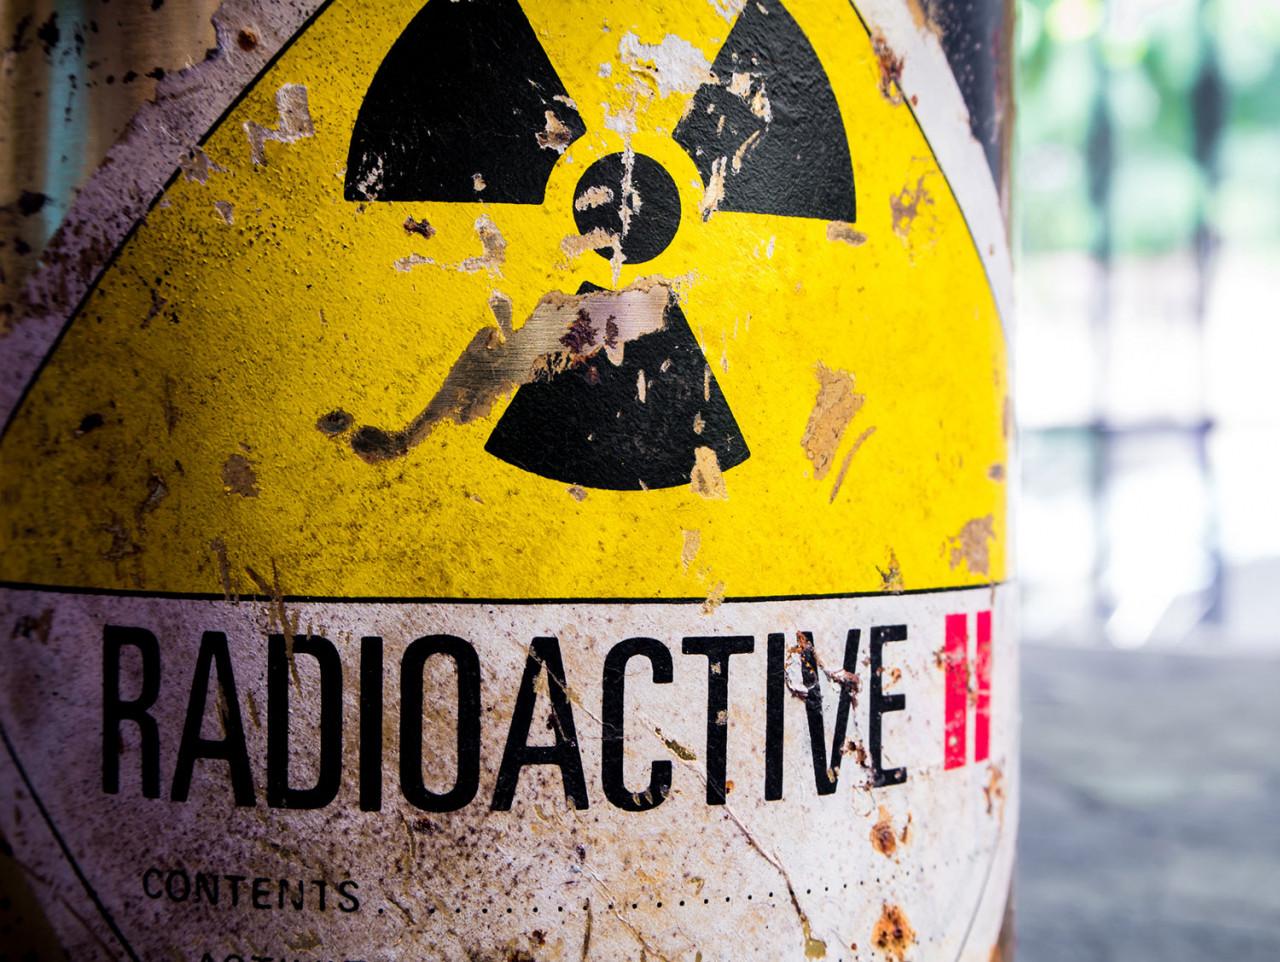 Gestion des matières et déchets radioactifs: donner son avis jusqu'au 25 septembre